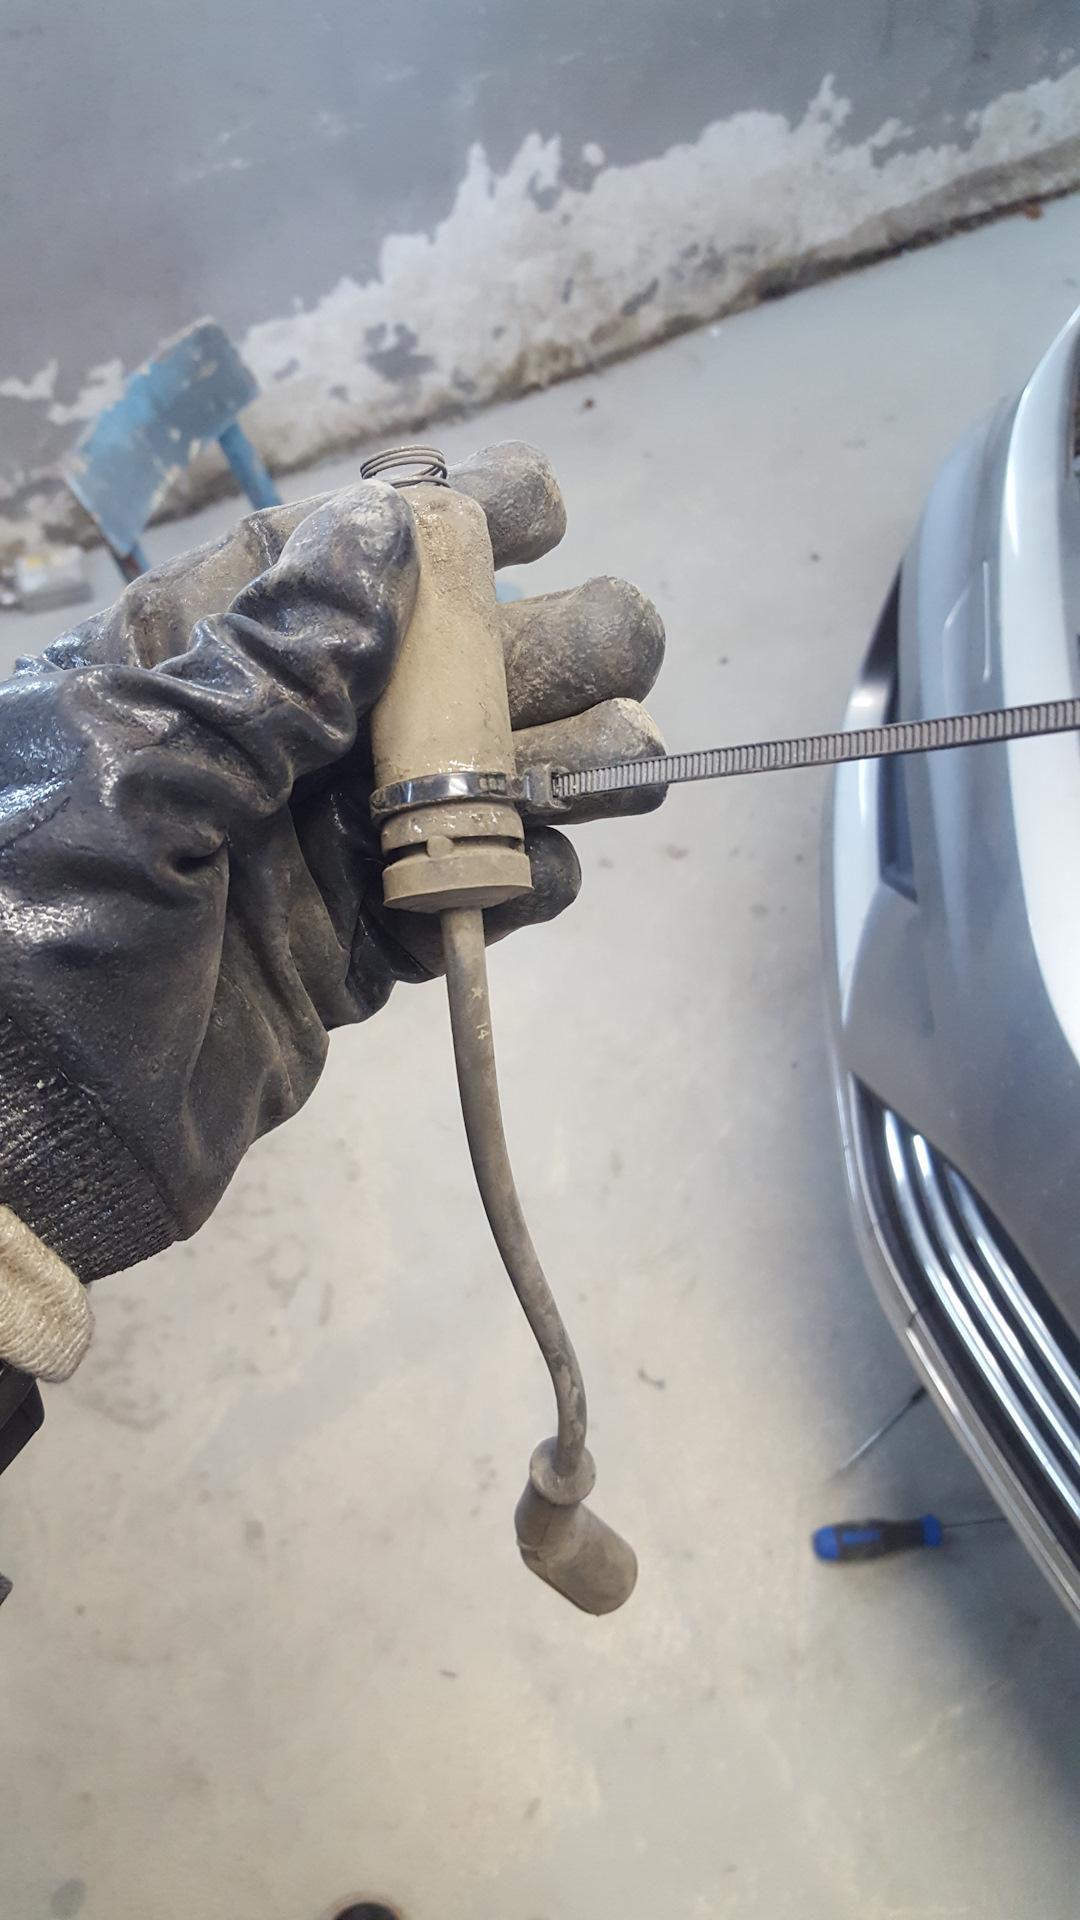 Замена заднего тормозного цилиндра киа соул